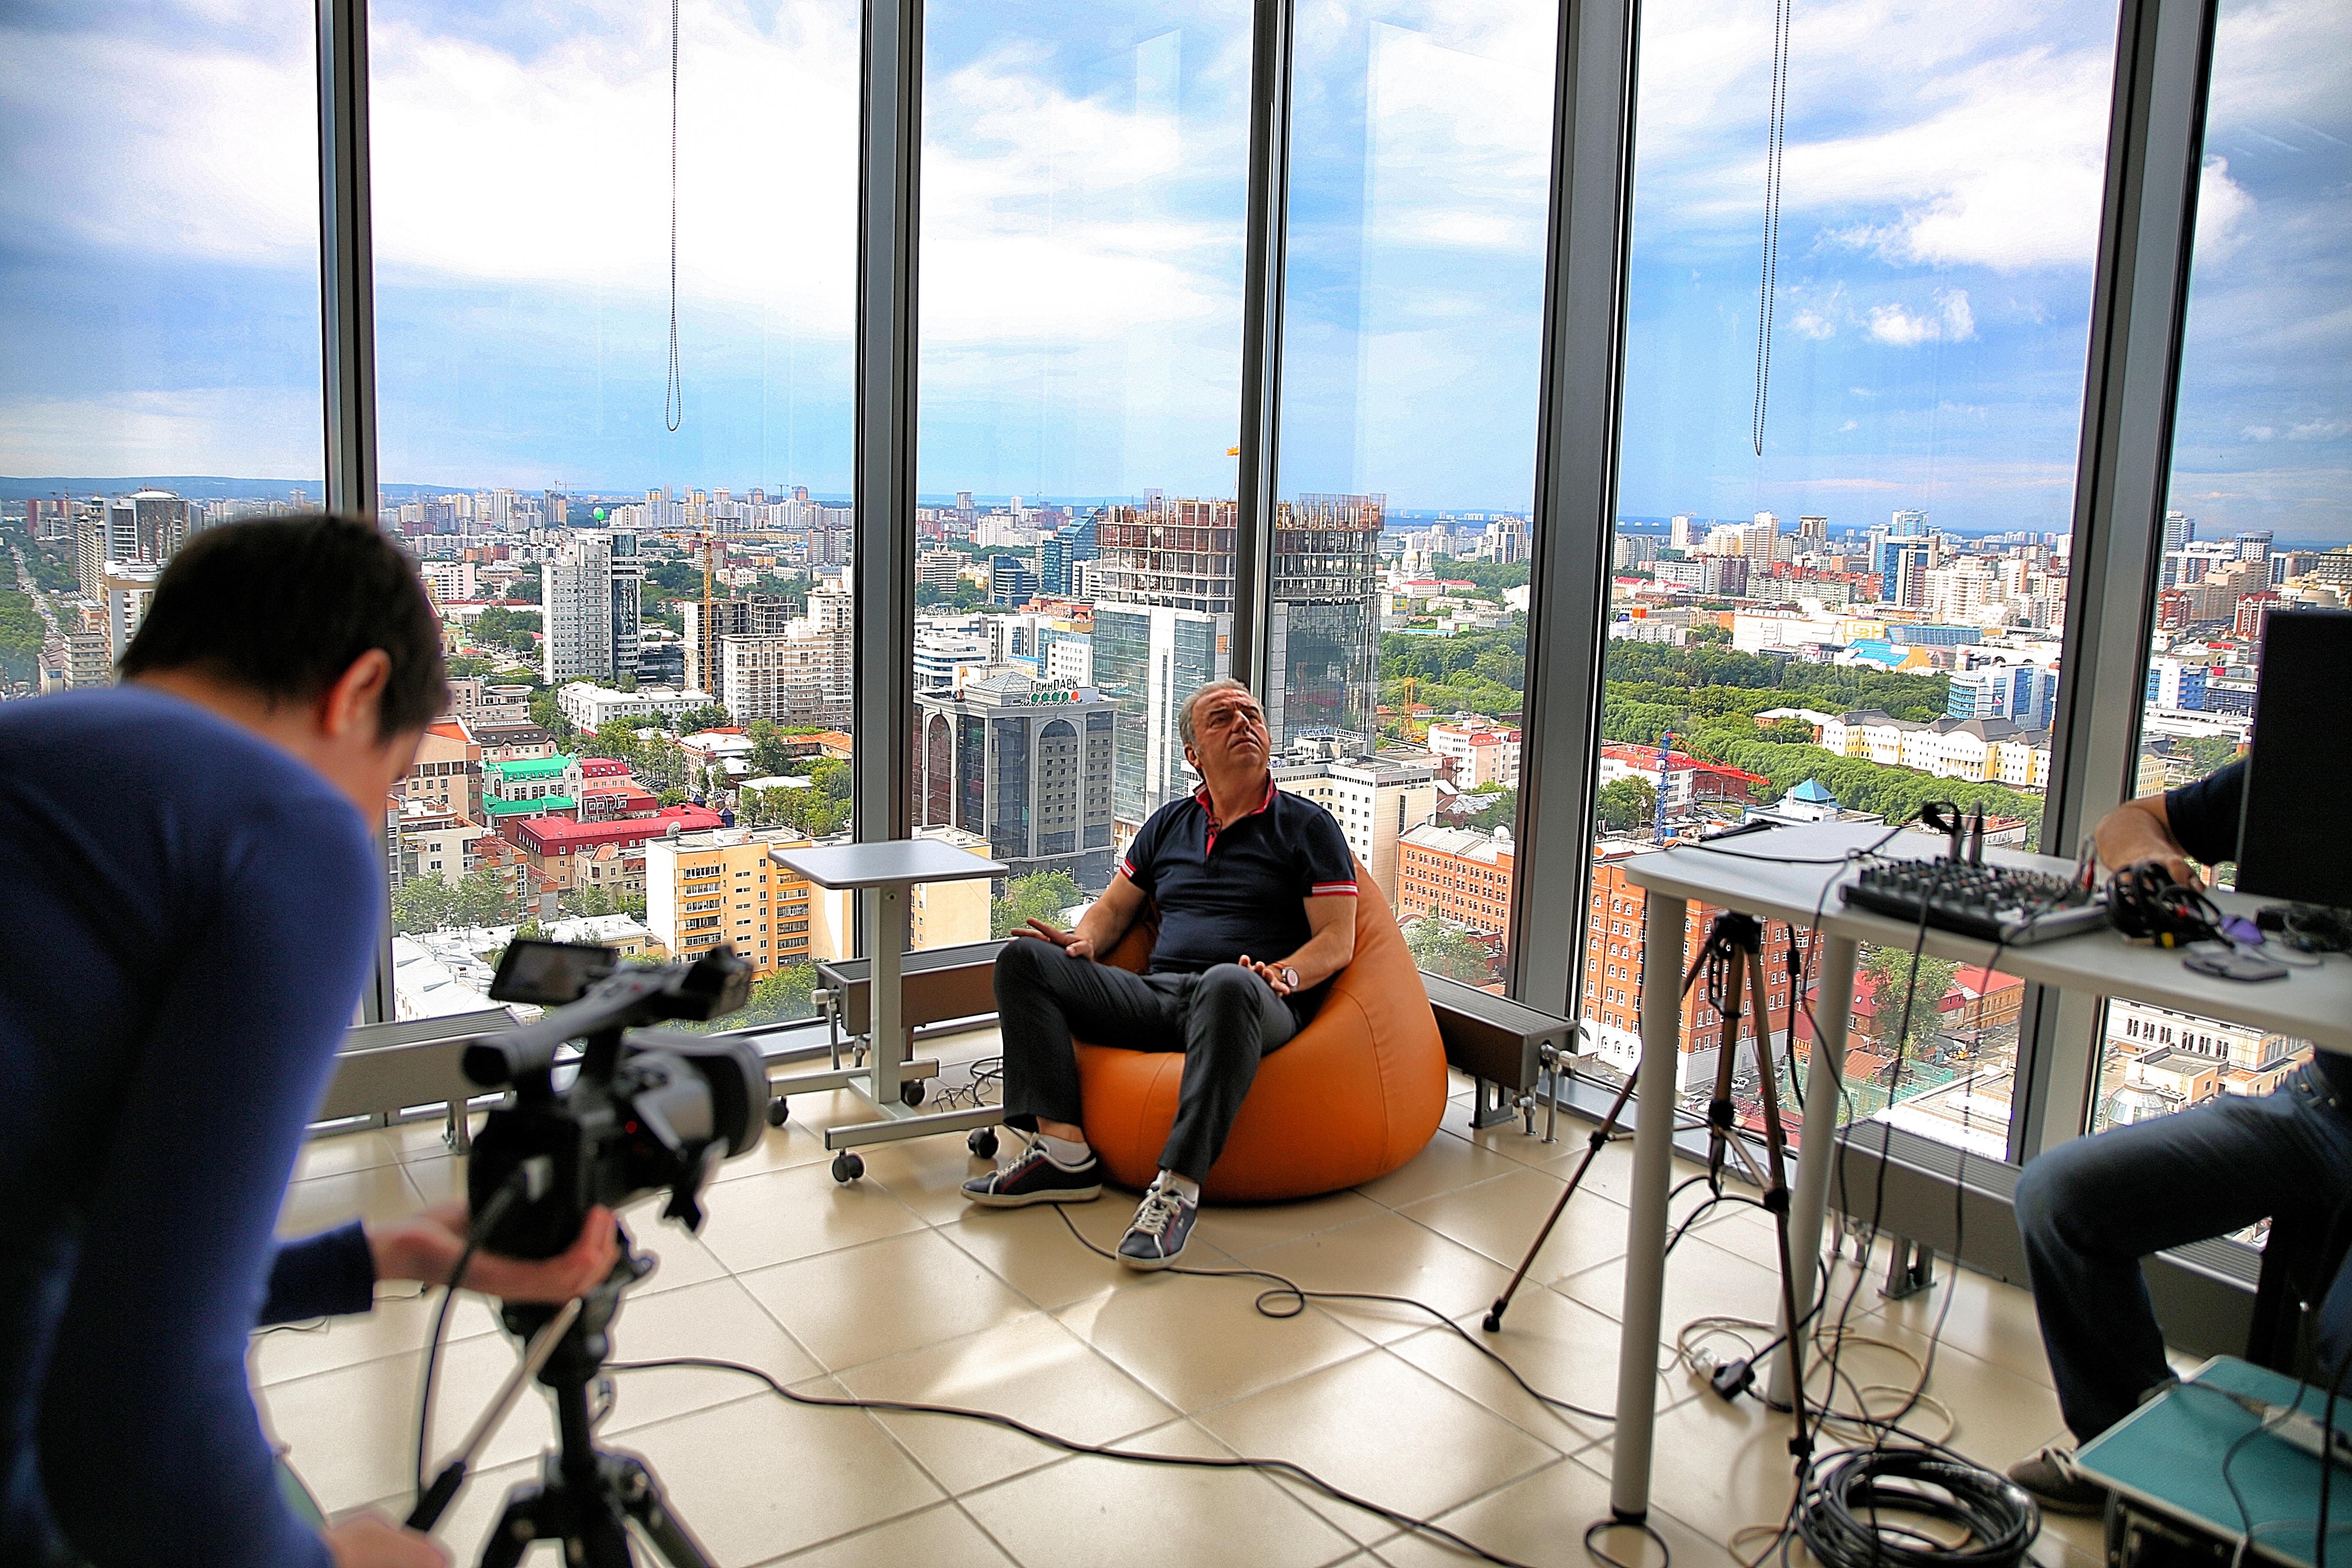 66 минут с Владимиром Шахриным. Оптимистичный онлайн обо всем на свете